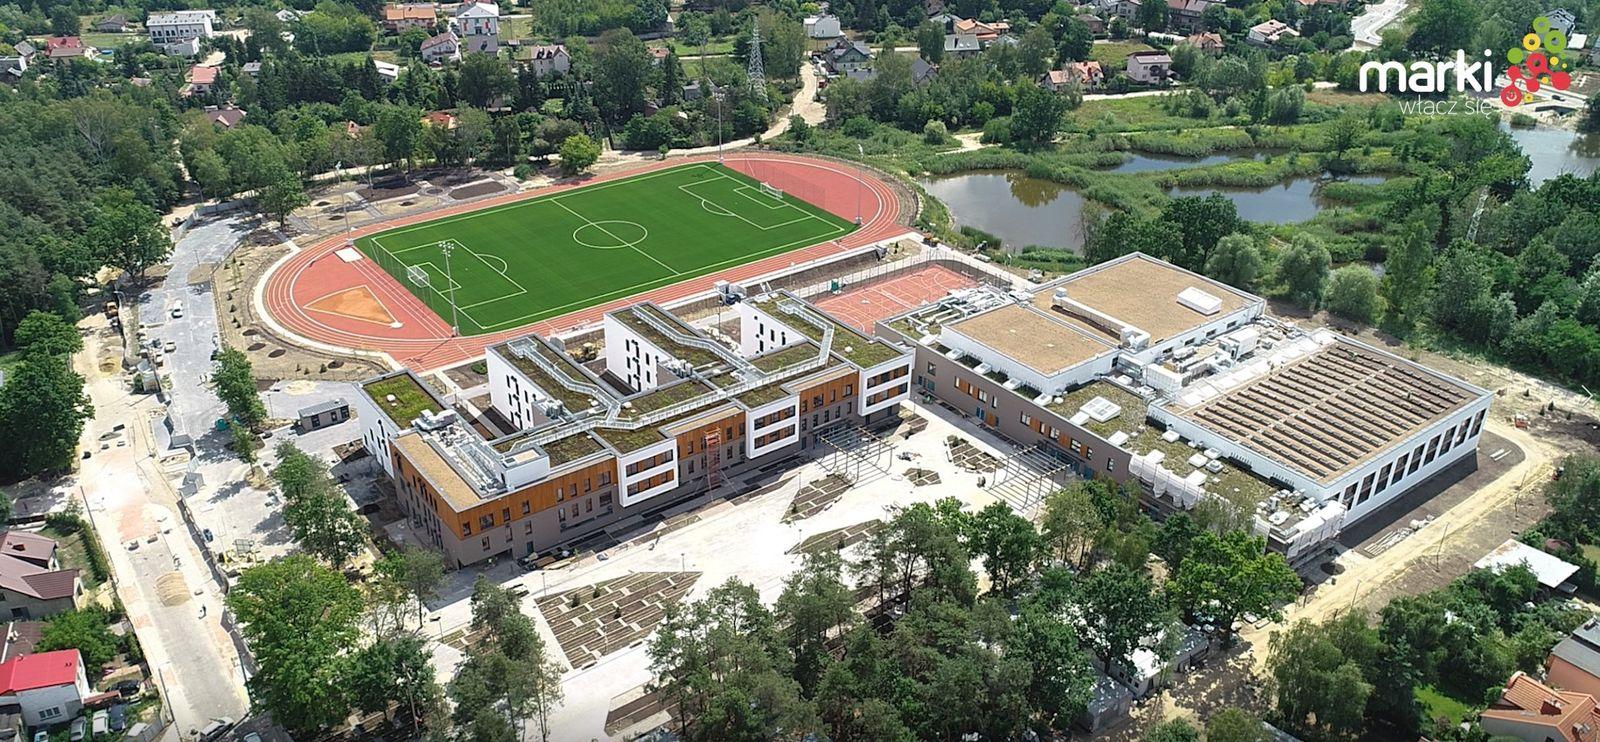 Centro recreativo Marki